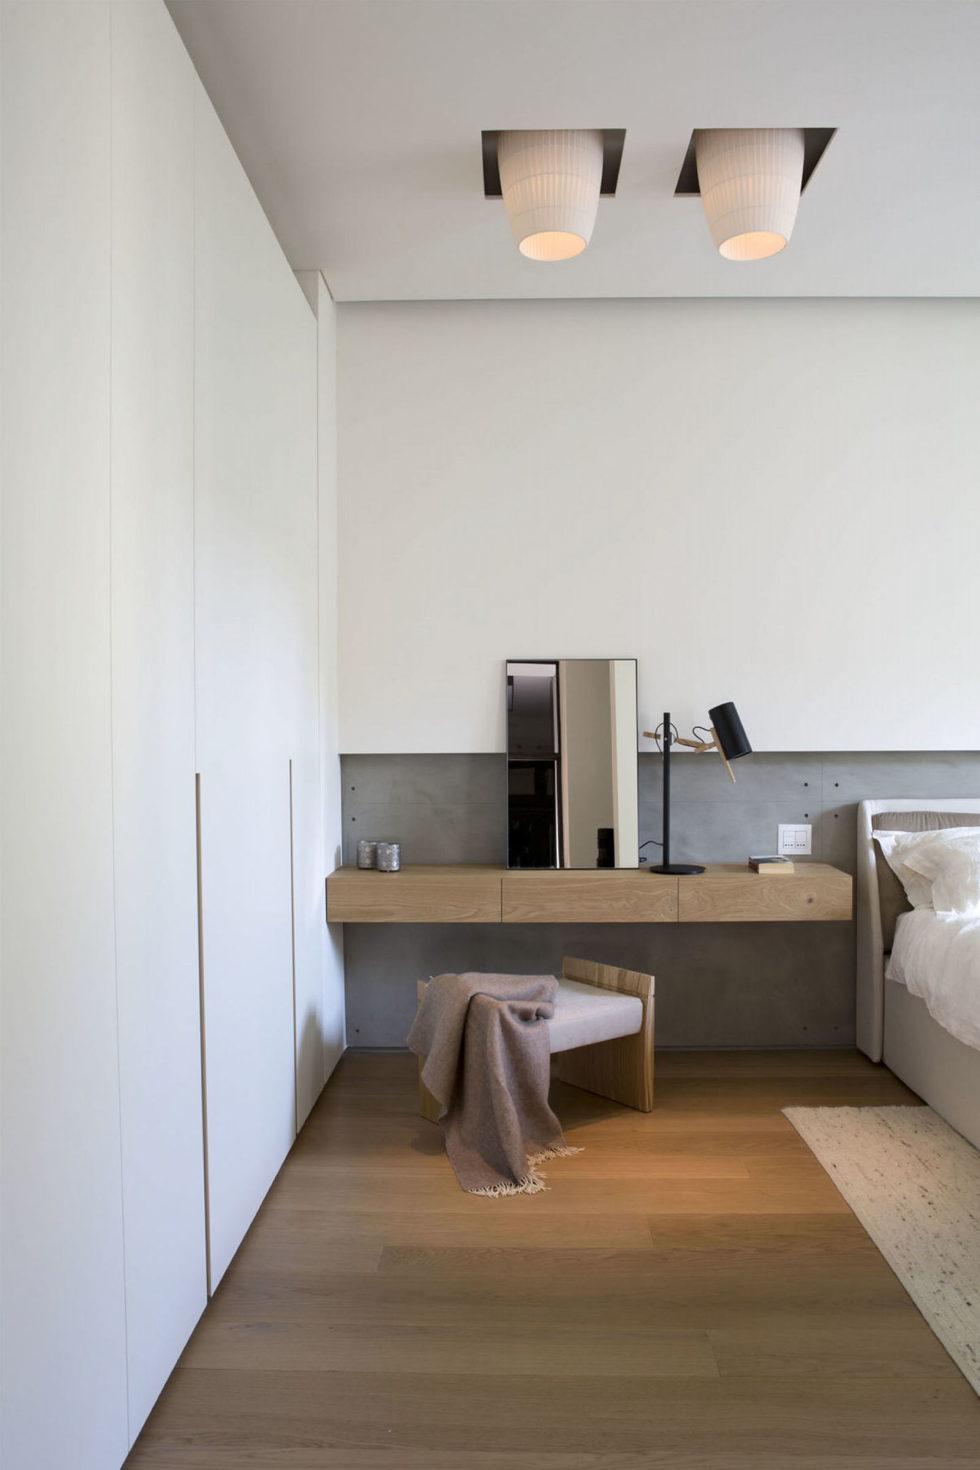 Quindiciquattro Apartments At The Center Of Turin From Fabio Fantolino 17